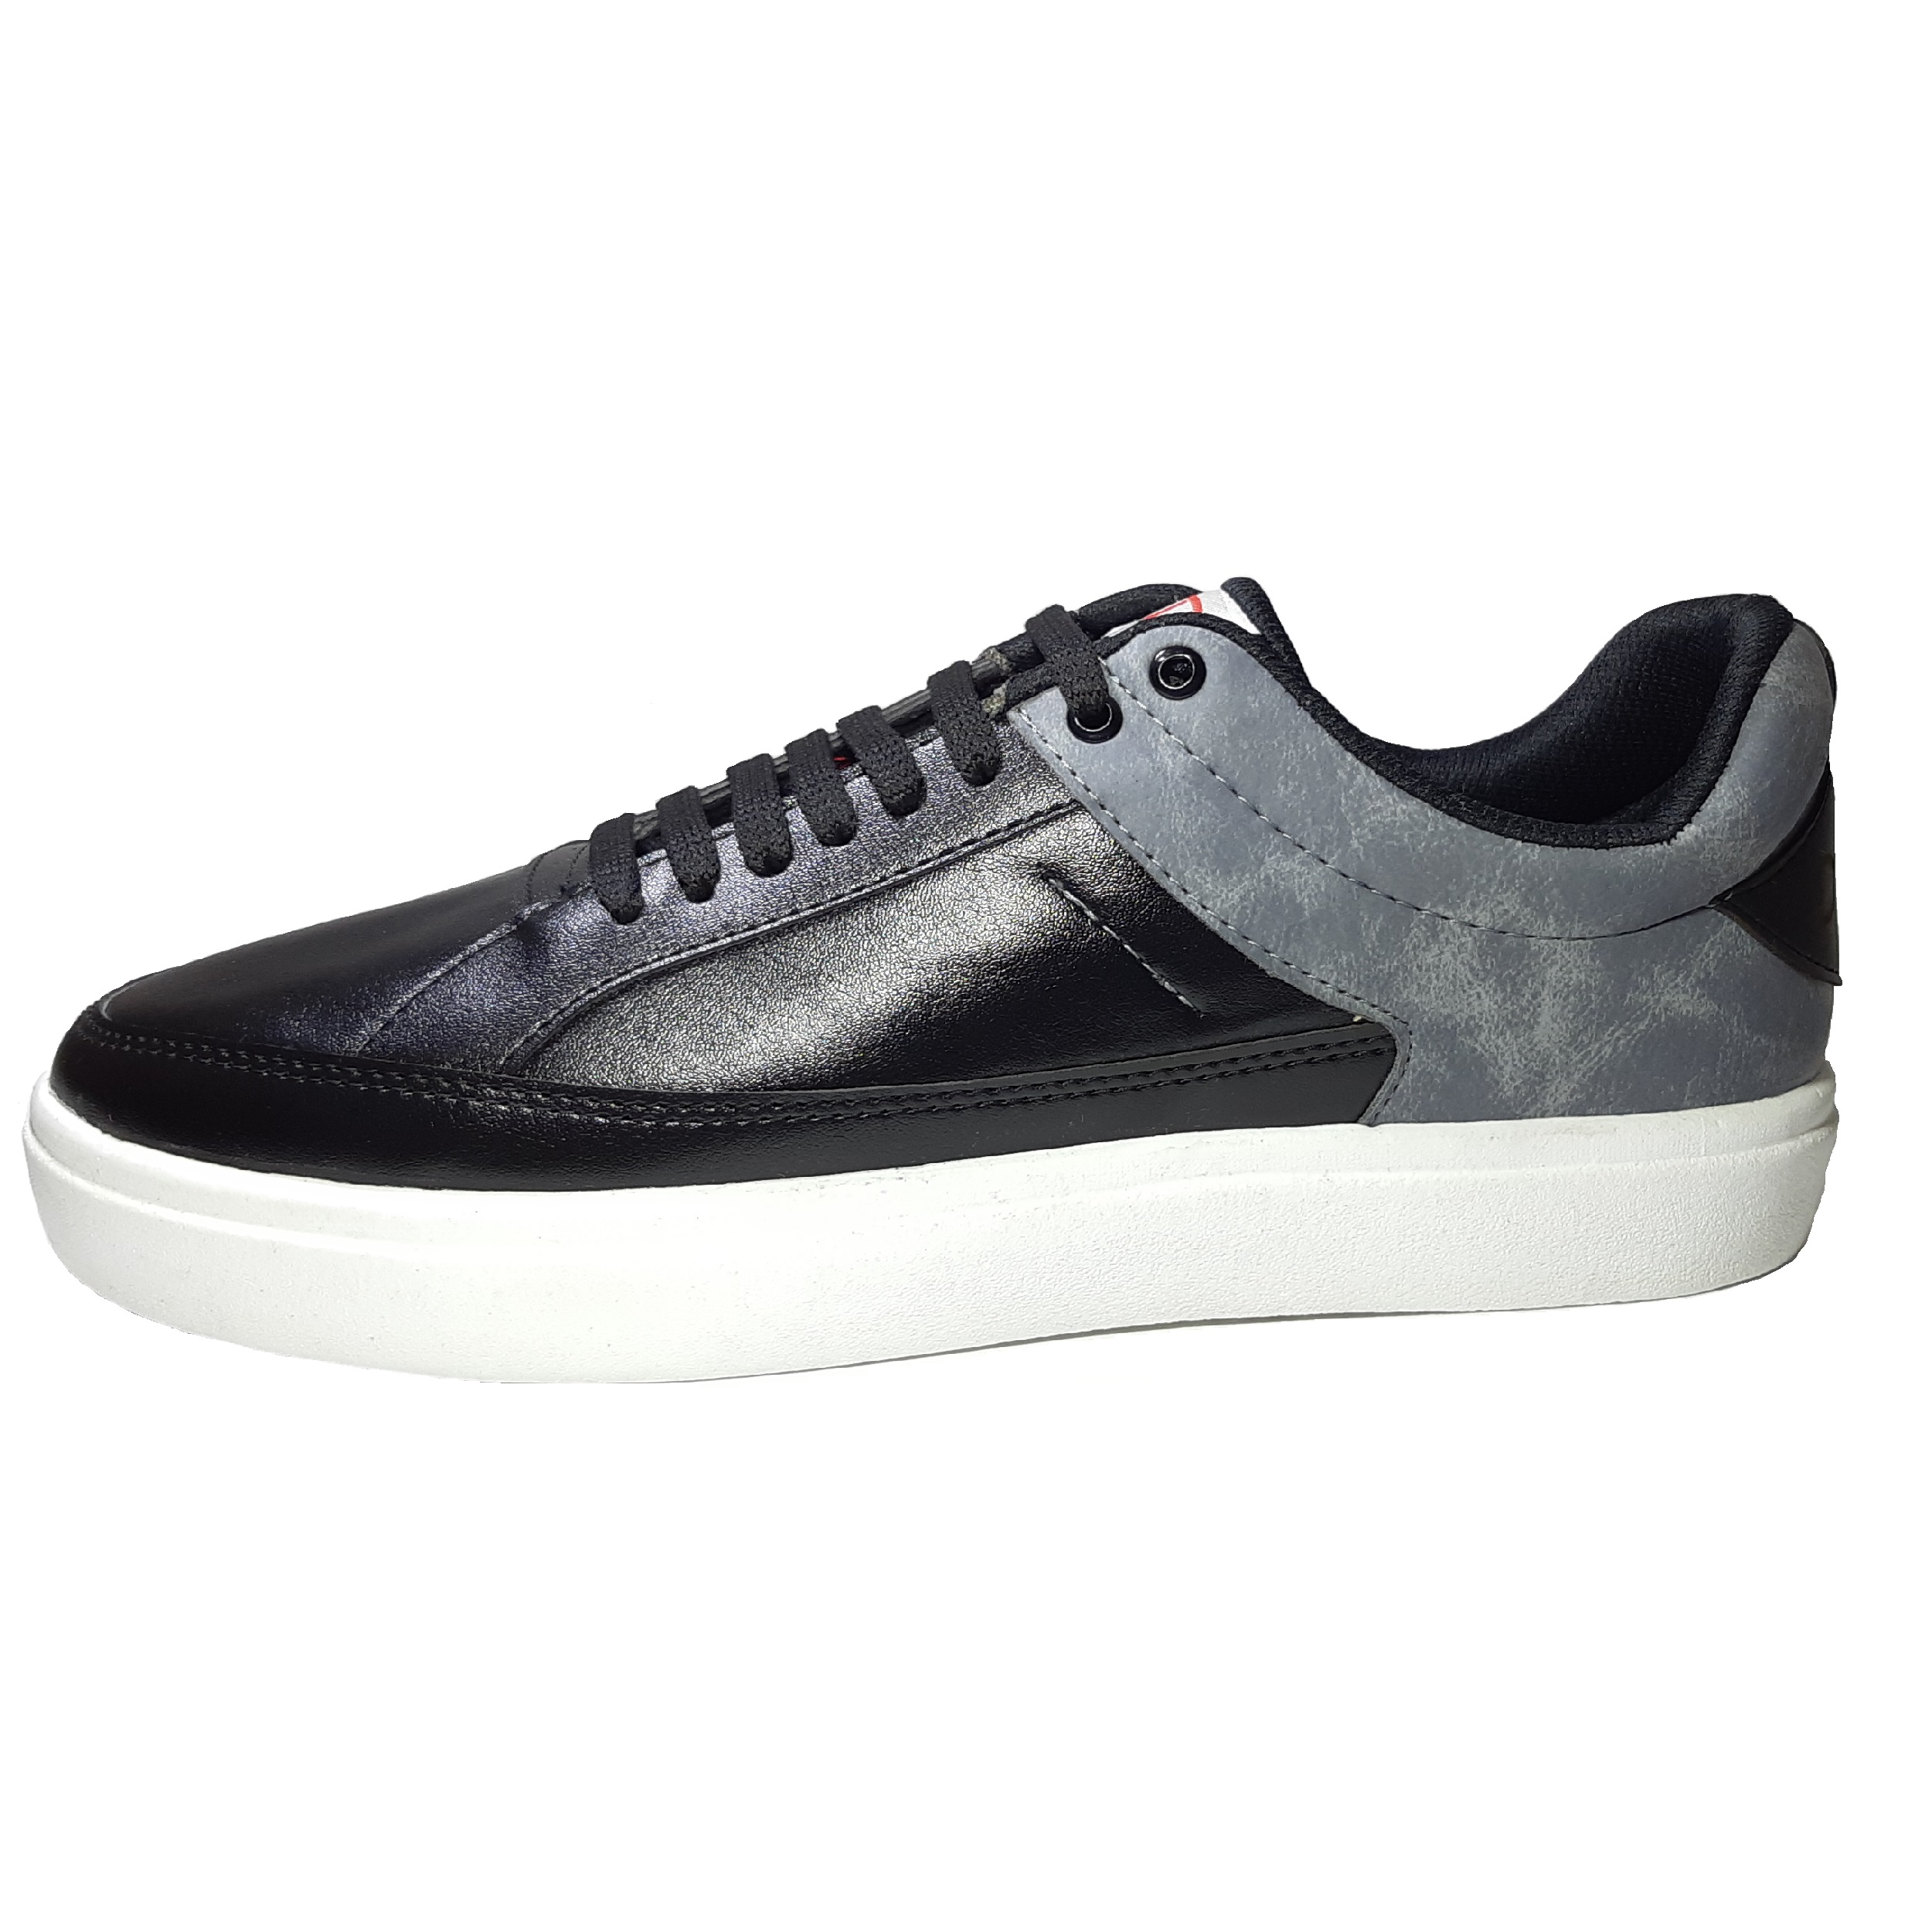 قیمت کفش مخصوص پیاده روی مردانه مدل D40